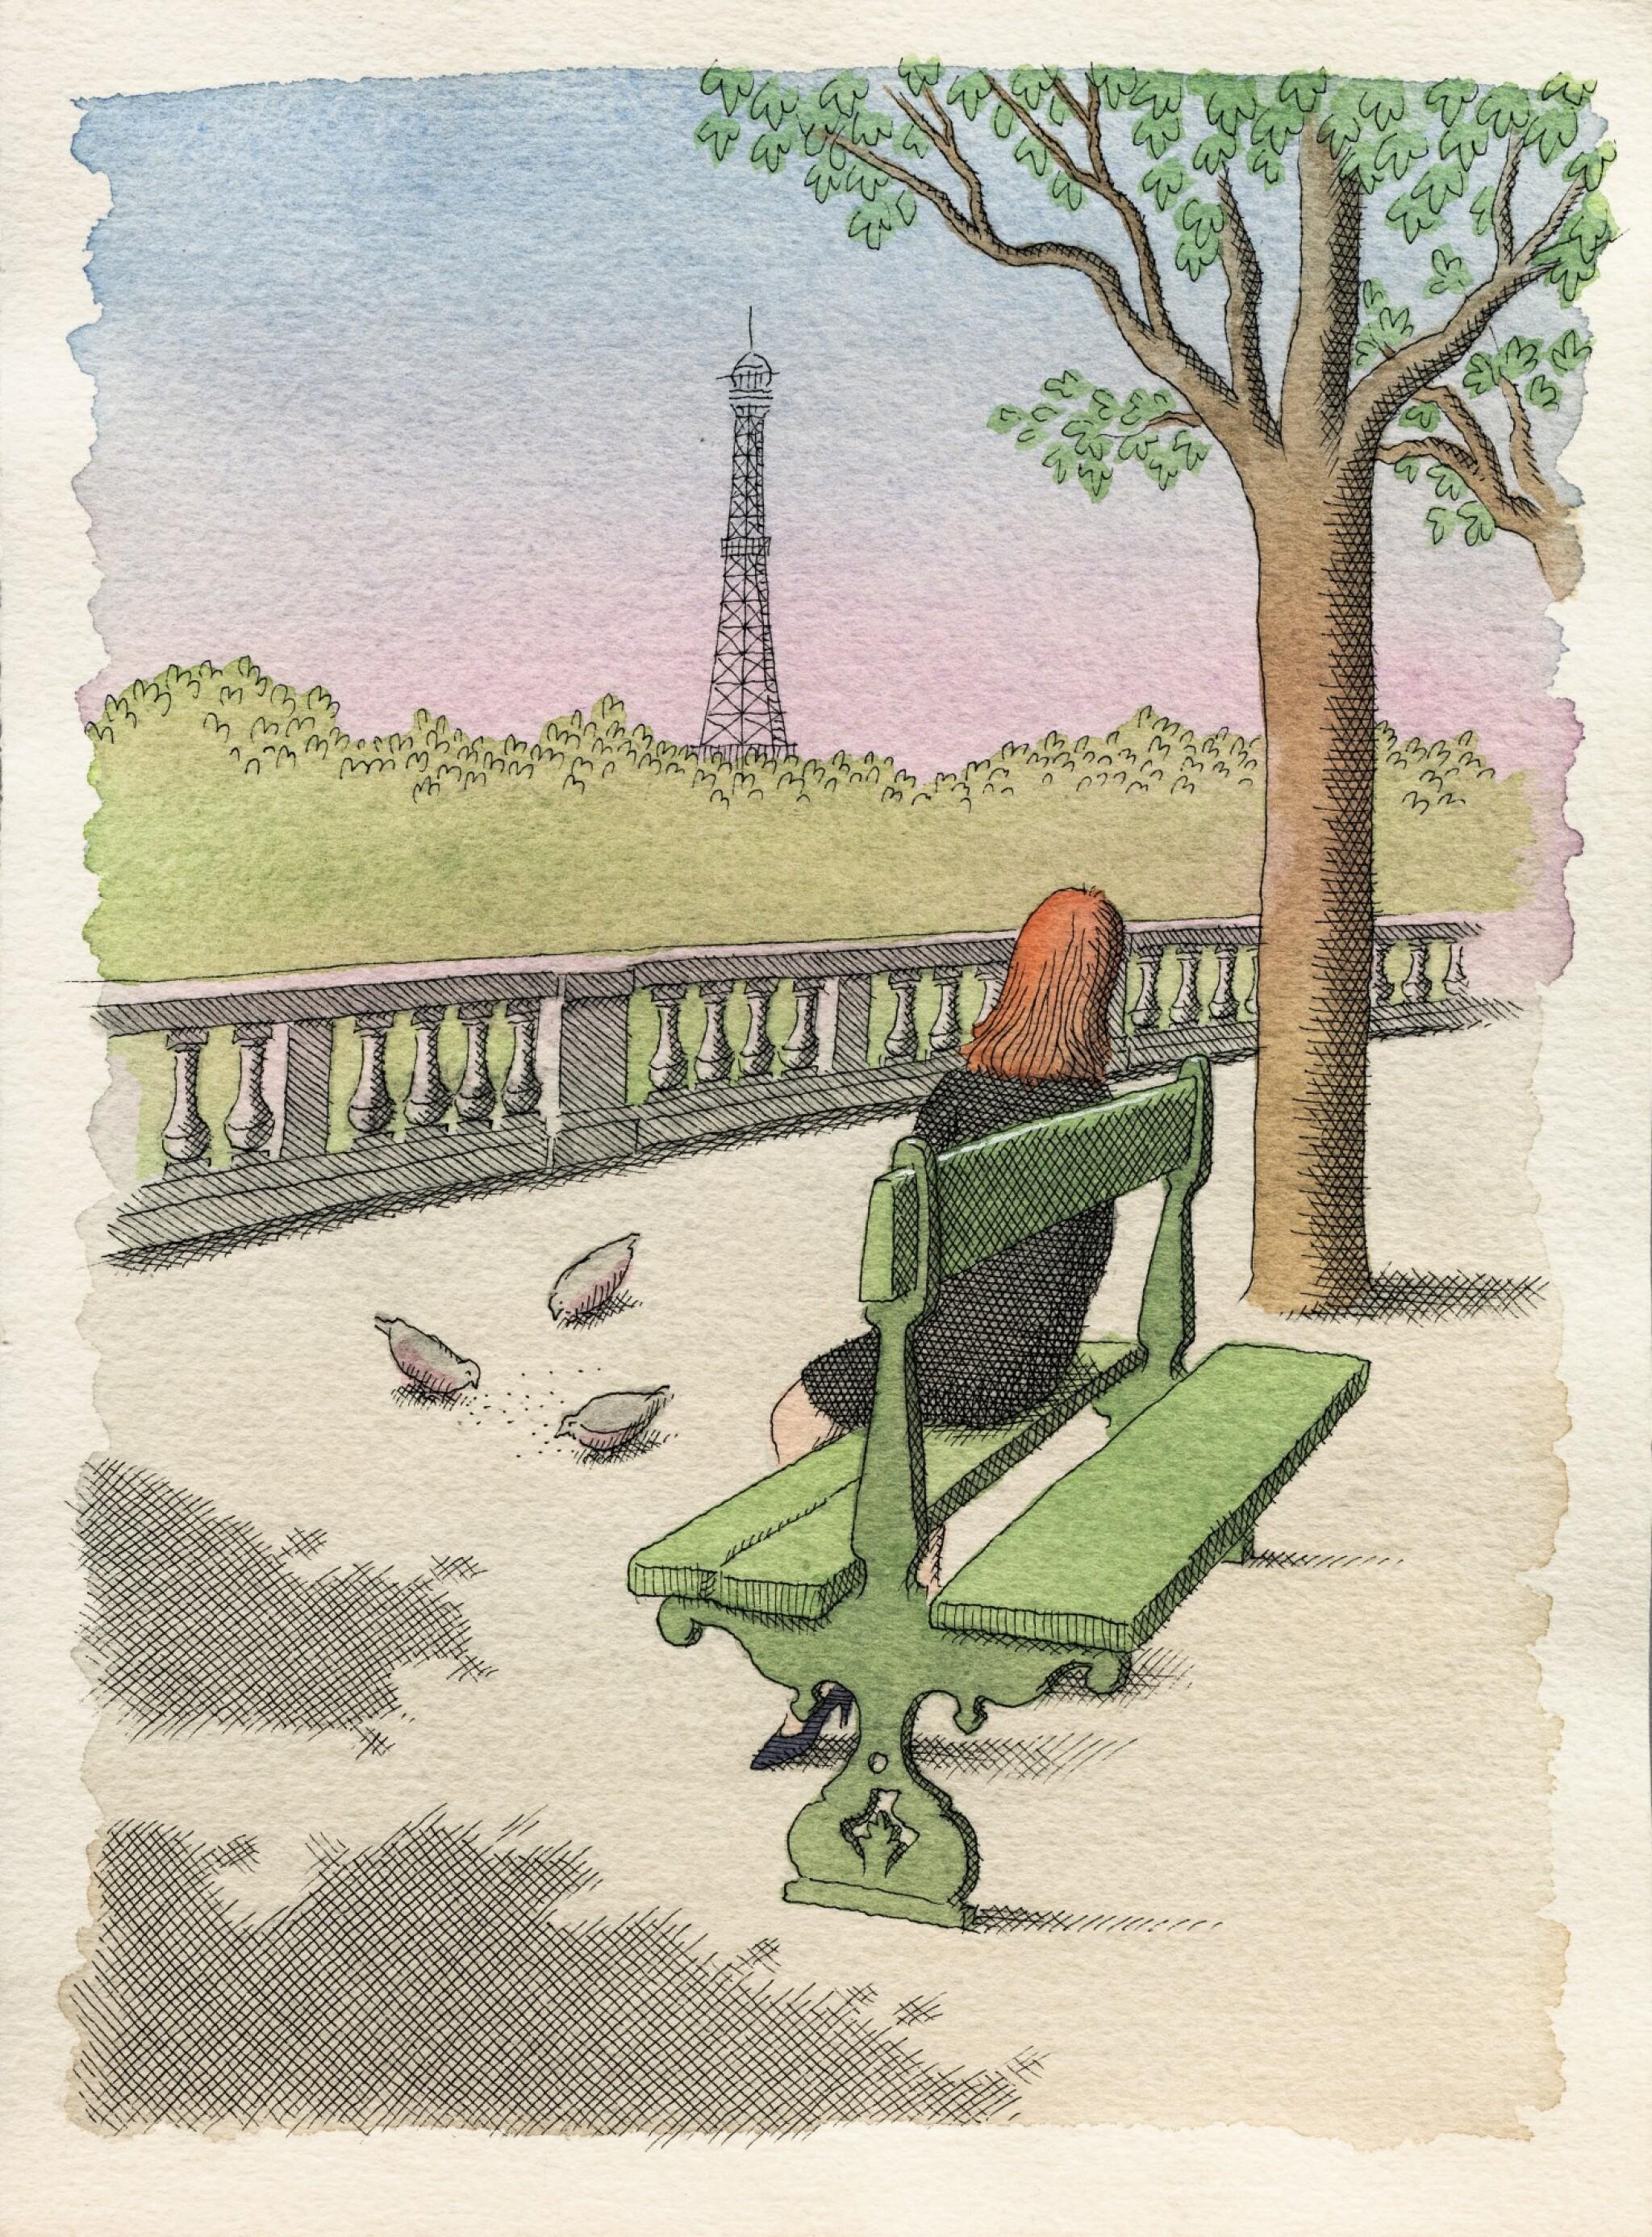 View full screen - View 1 of Lot 56. Une femme de dos regardant vers la tour Eiffel, assise sur un banc d'une terrasse dans un jardin parisien.